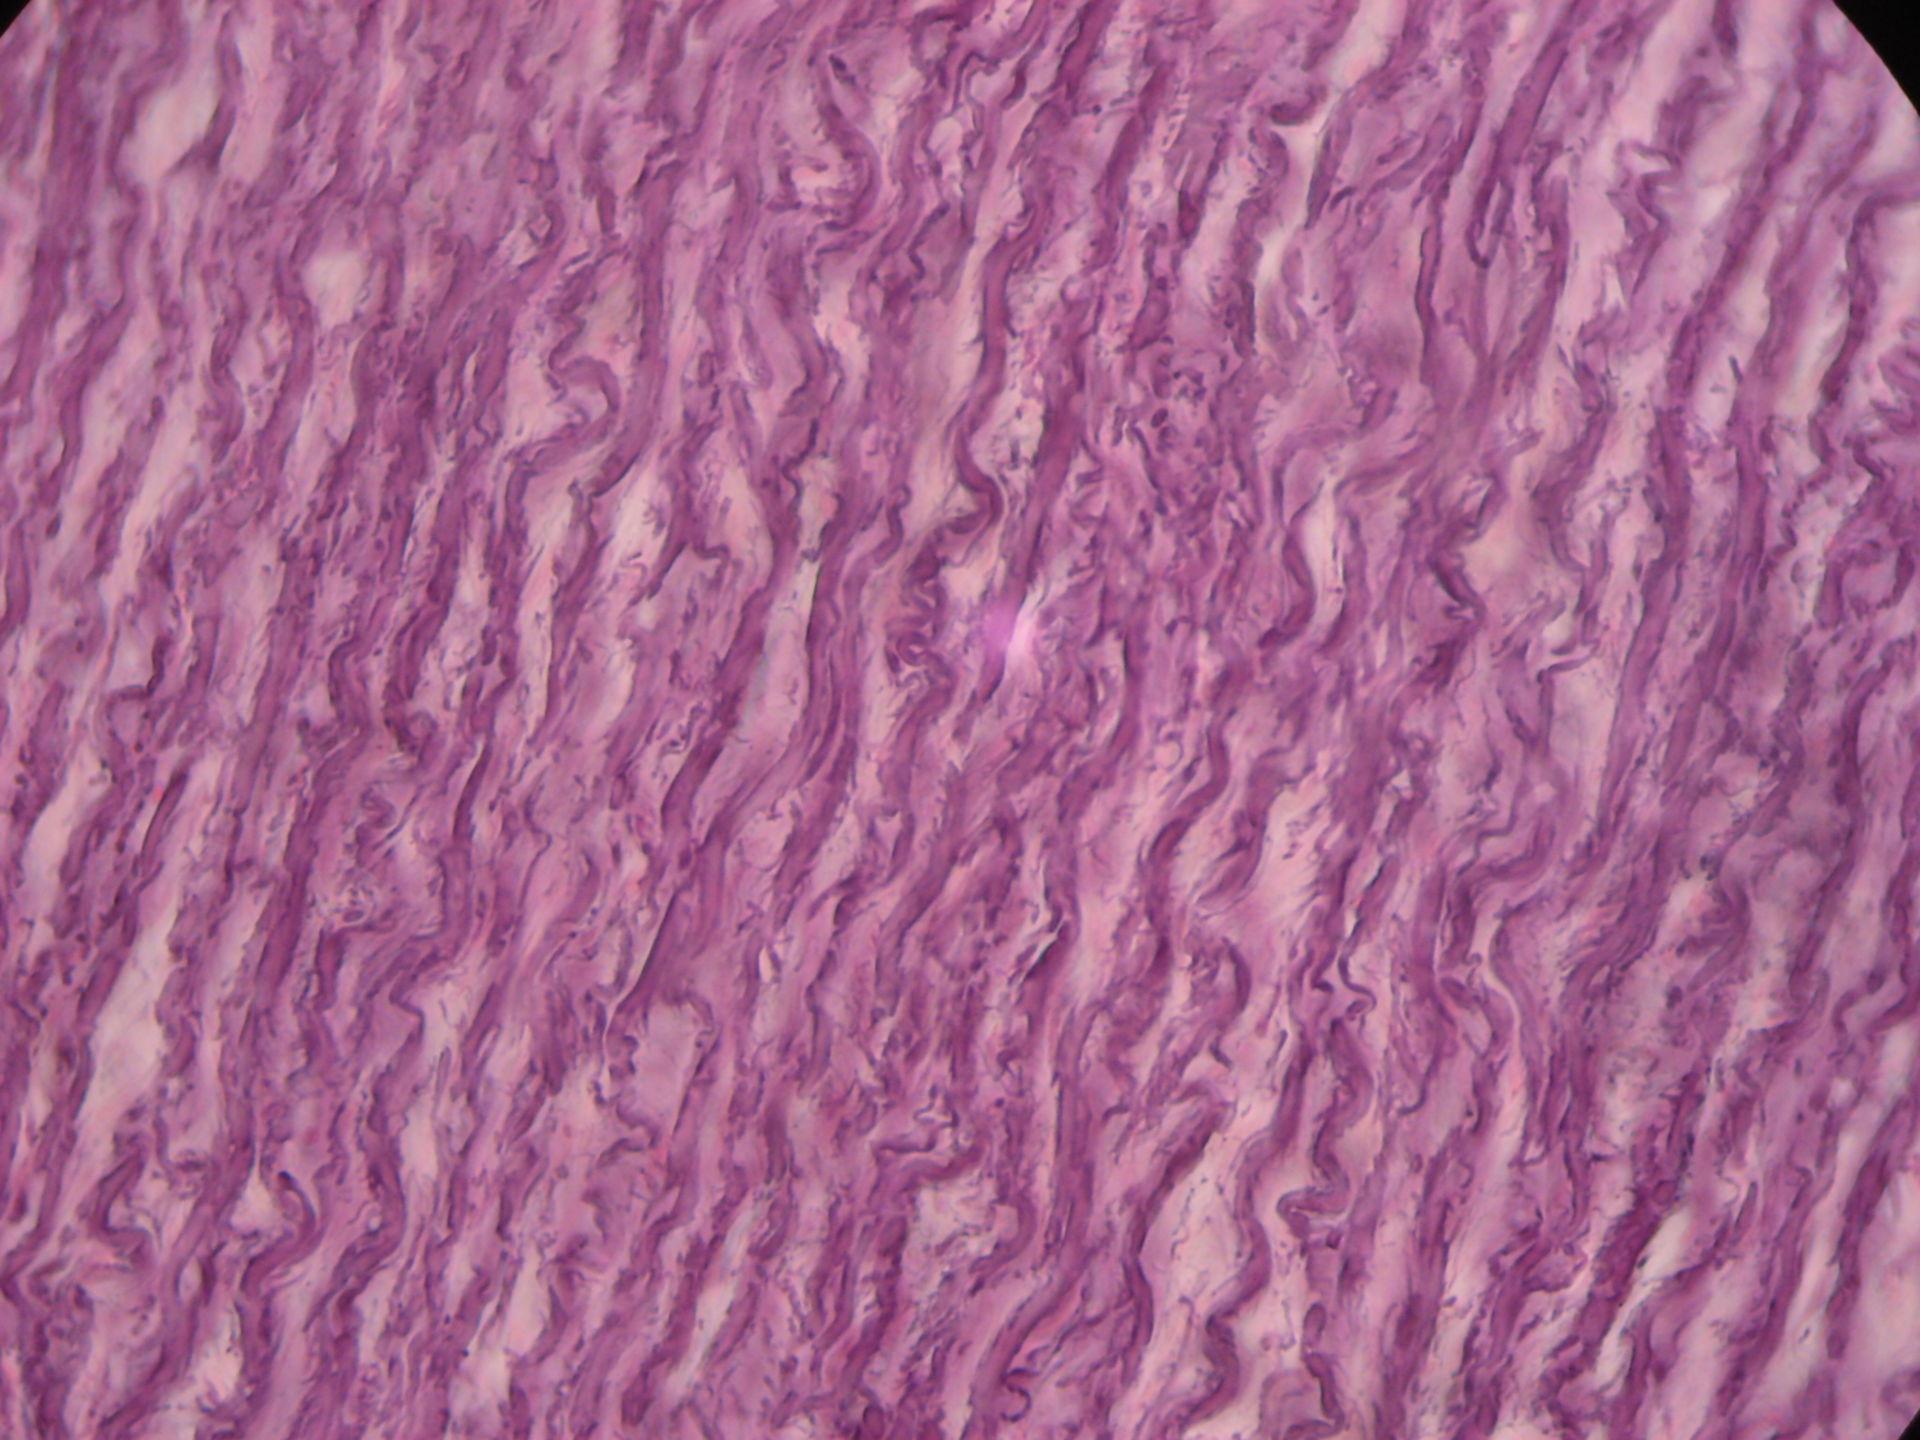 Aorta of pig